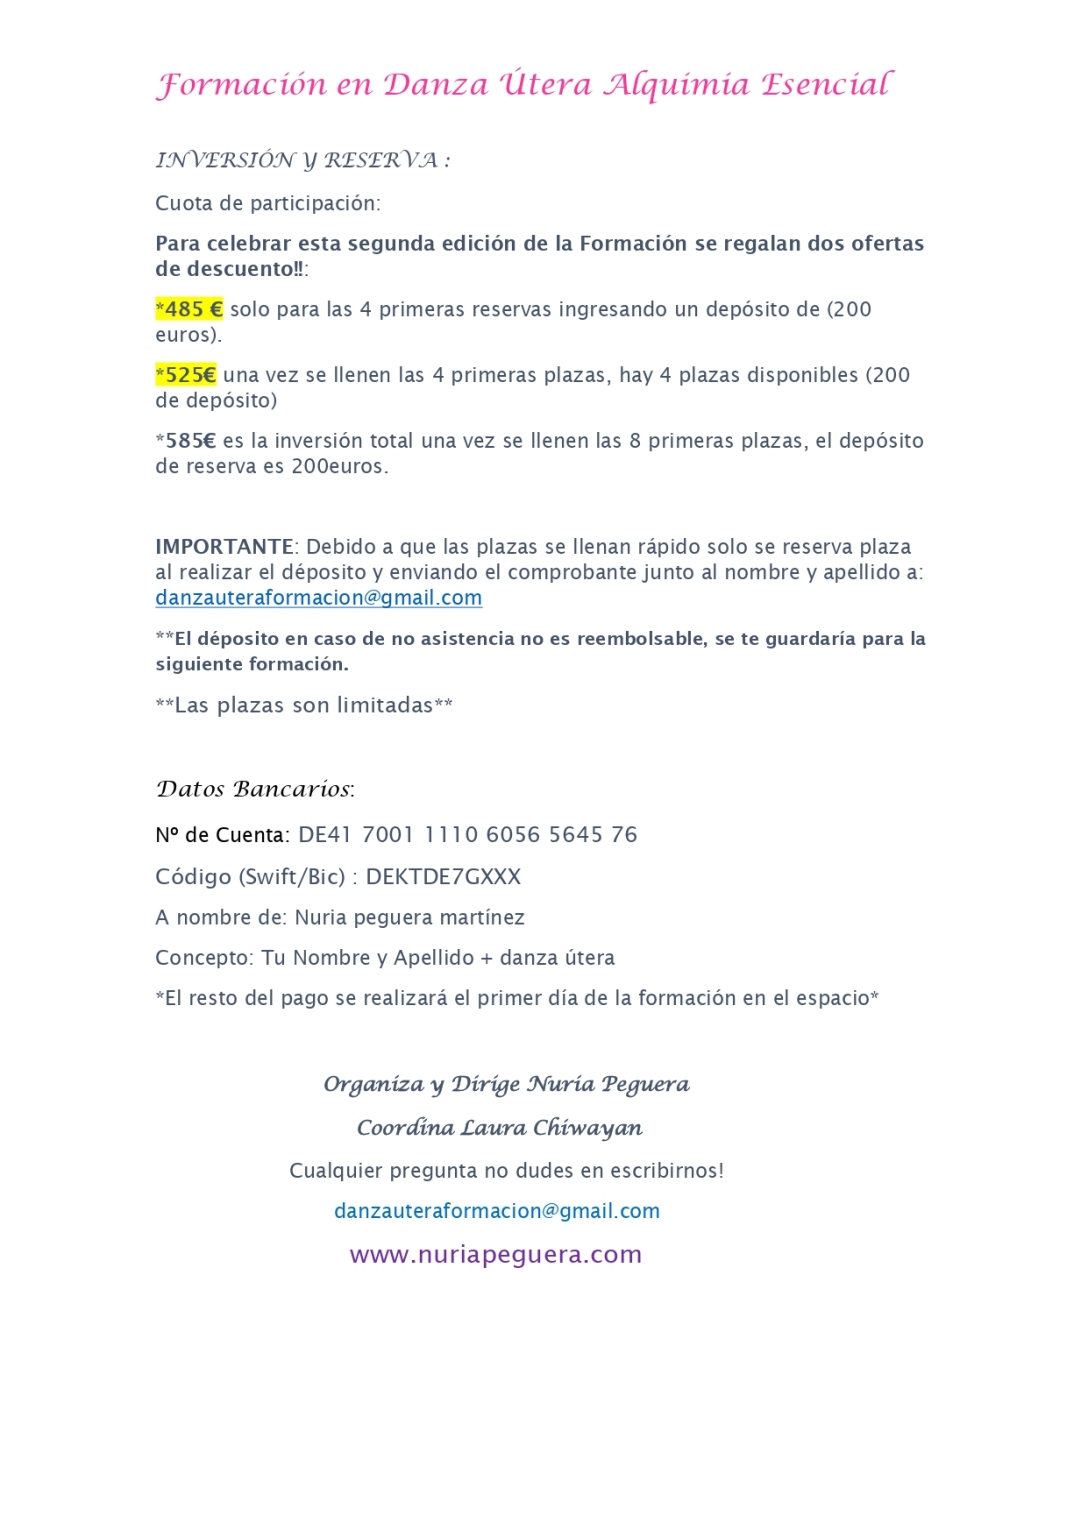 DANZA ÚTERA ALQUIMIA ESENCIAL 2020_page-0004